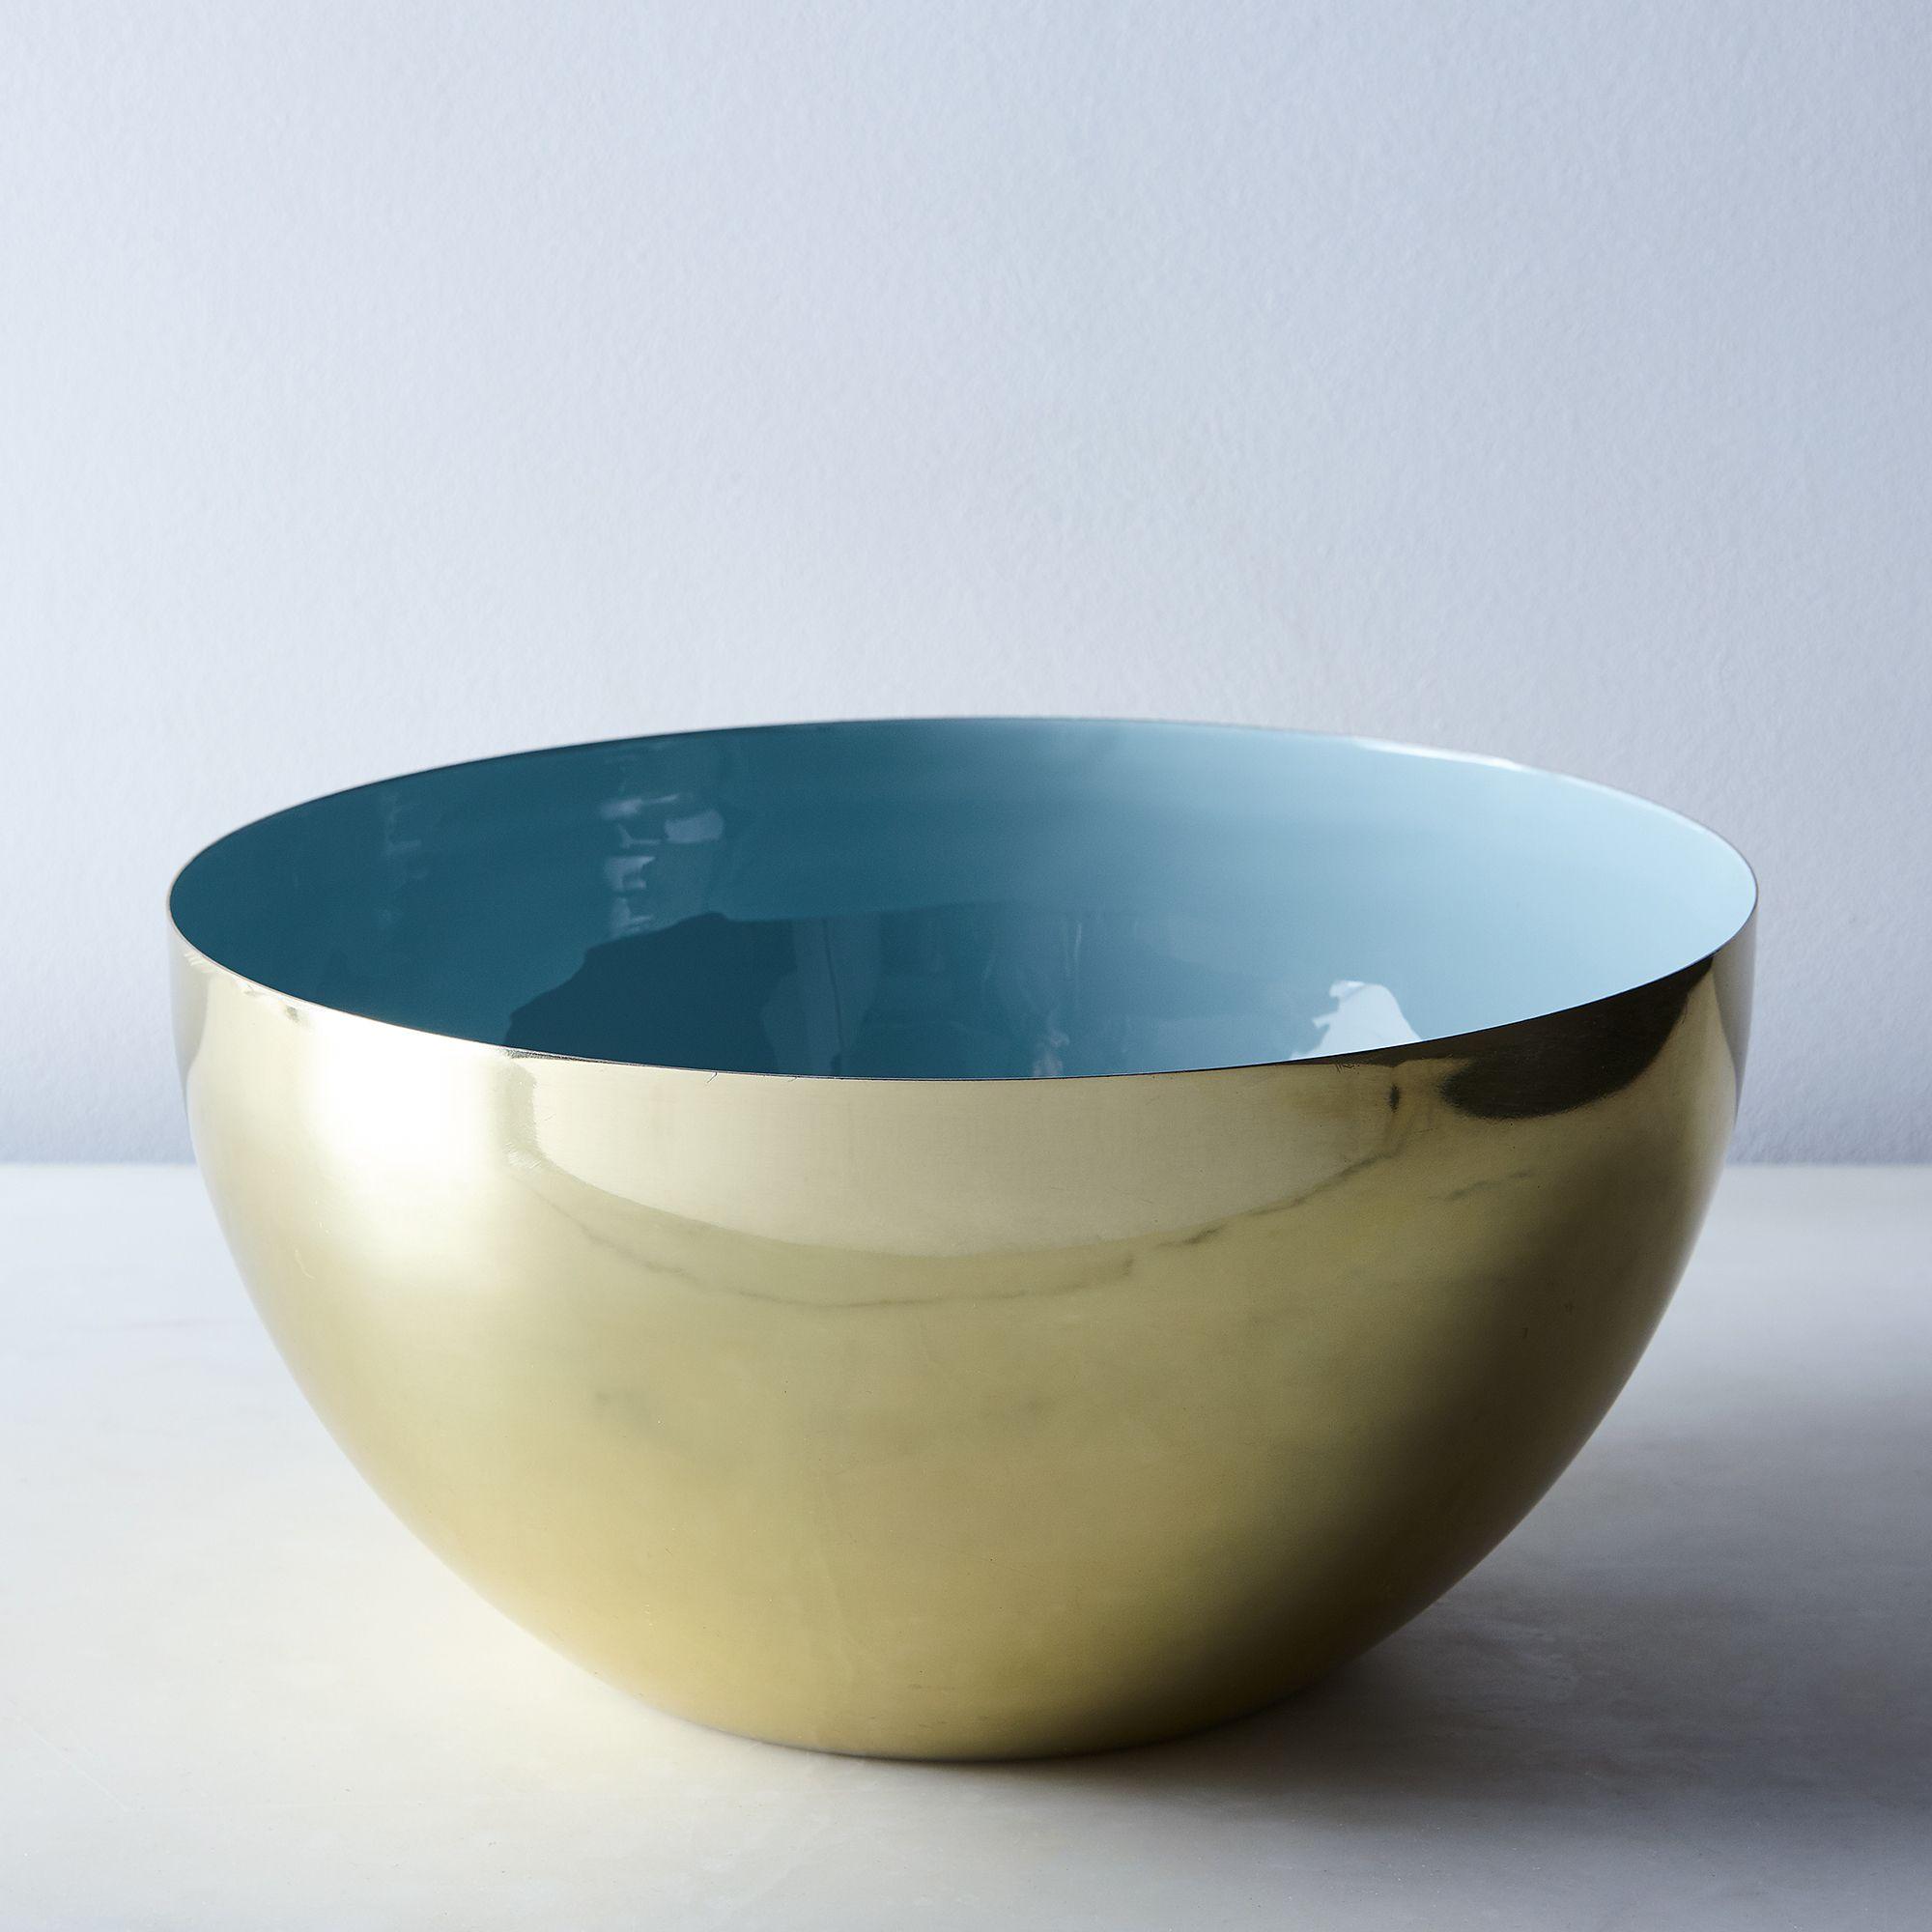 E42f9b62 9701 404b b84e 2b72643fec0c  2017 0321 hawkins new york copper brass enamel louise bowls mint xlarge silo rocky luten 0515